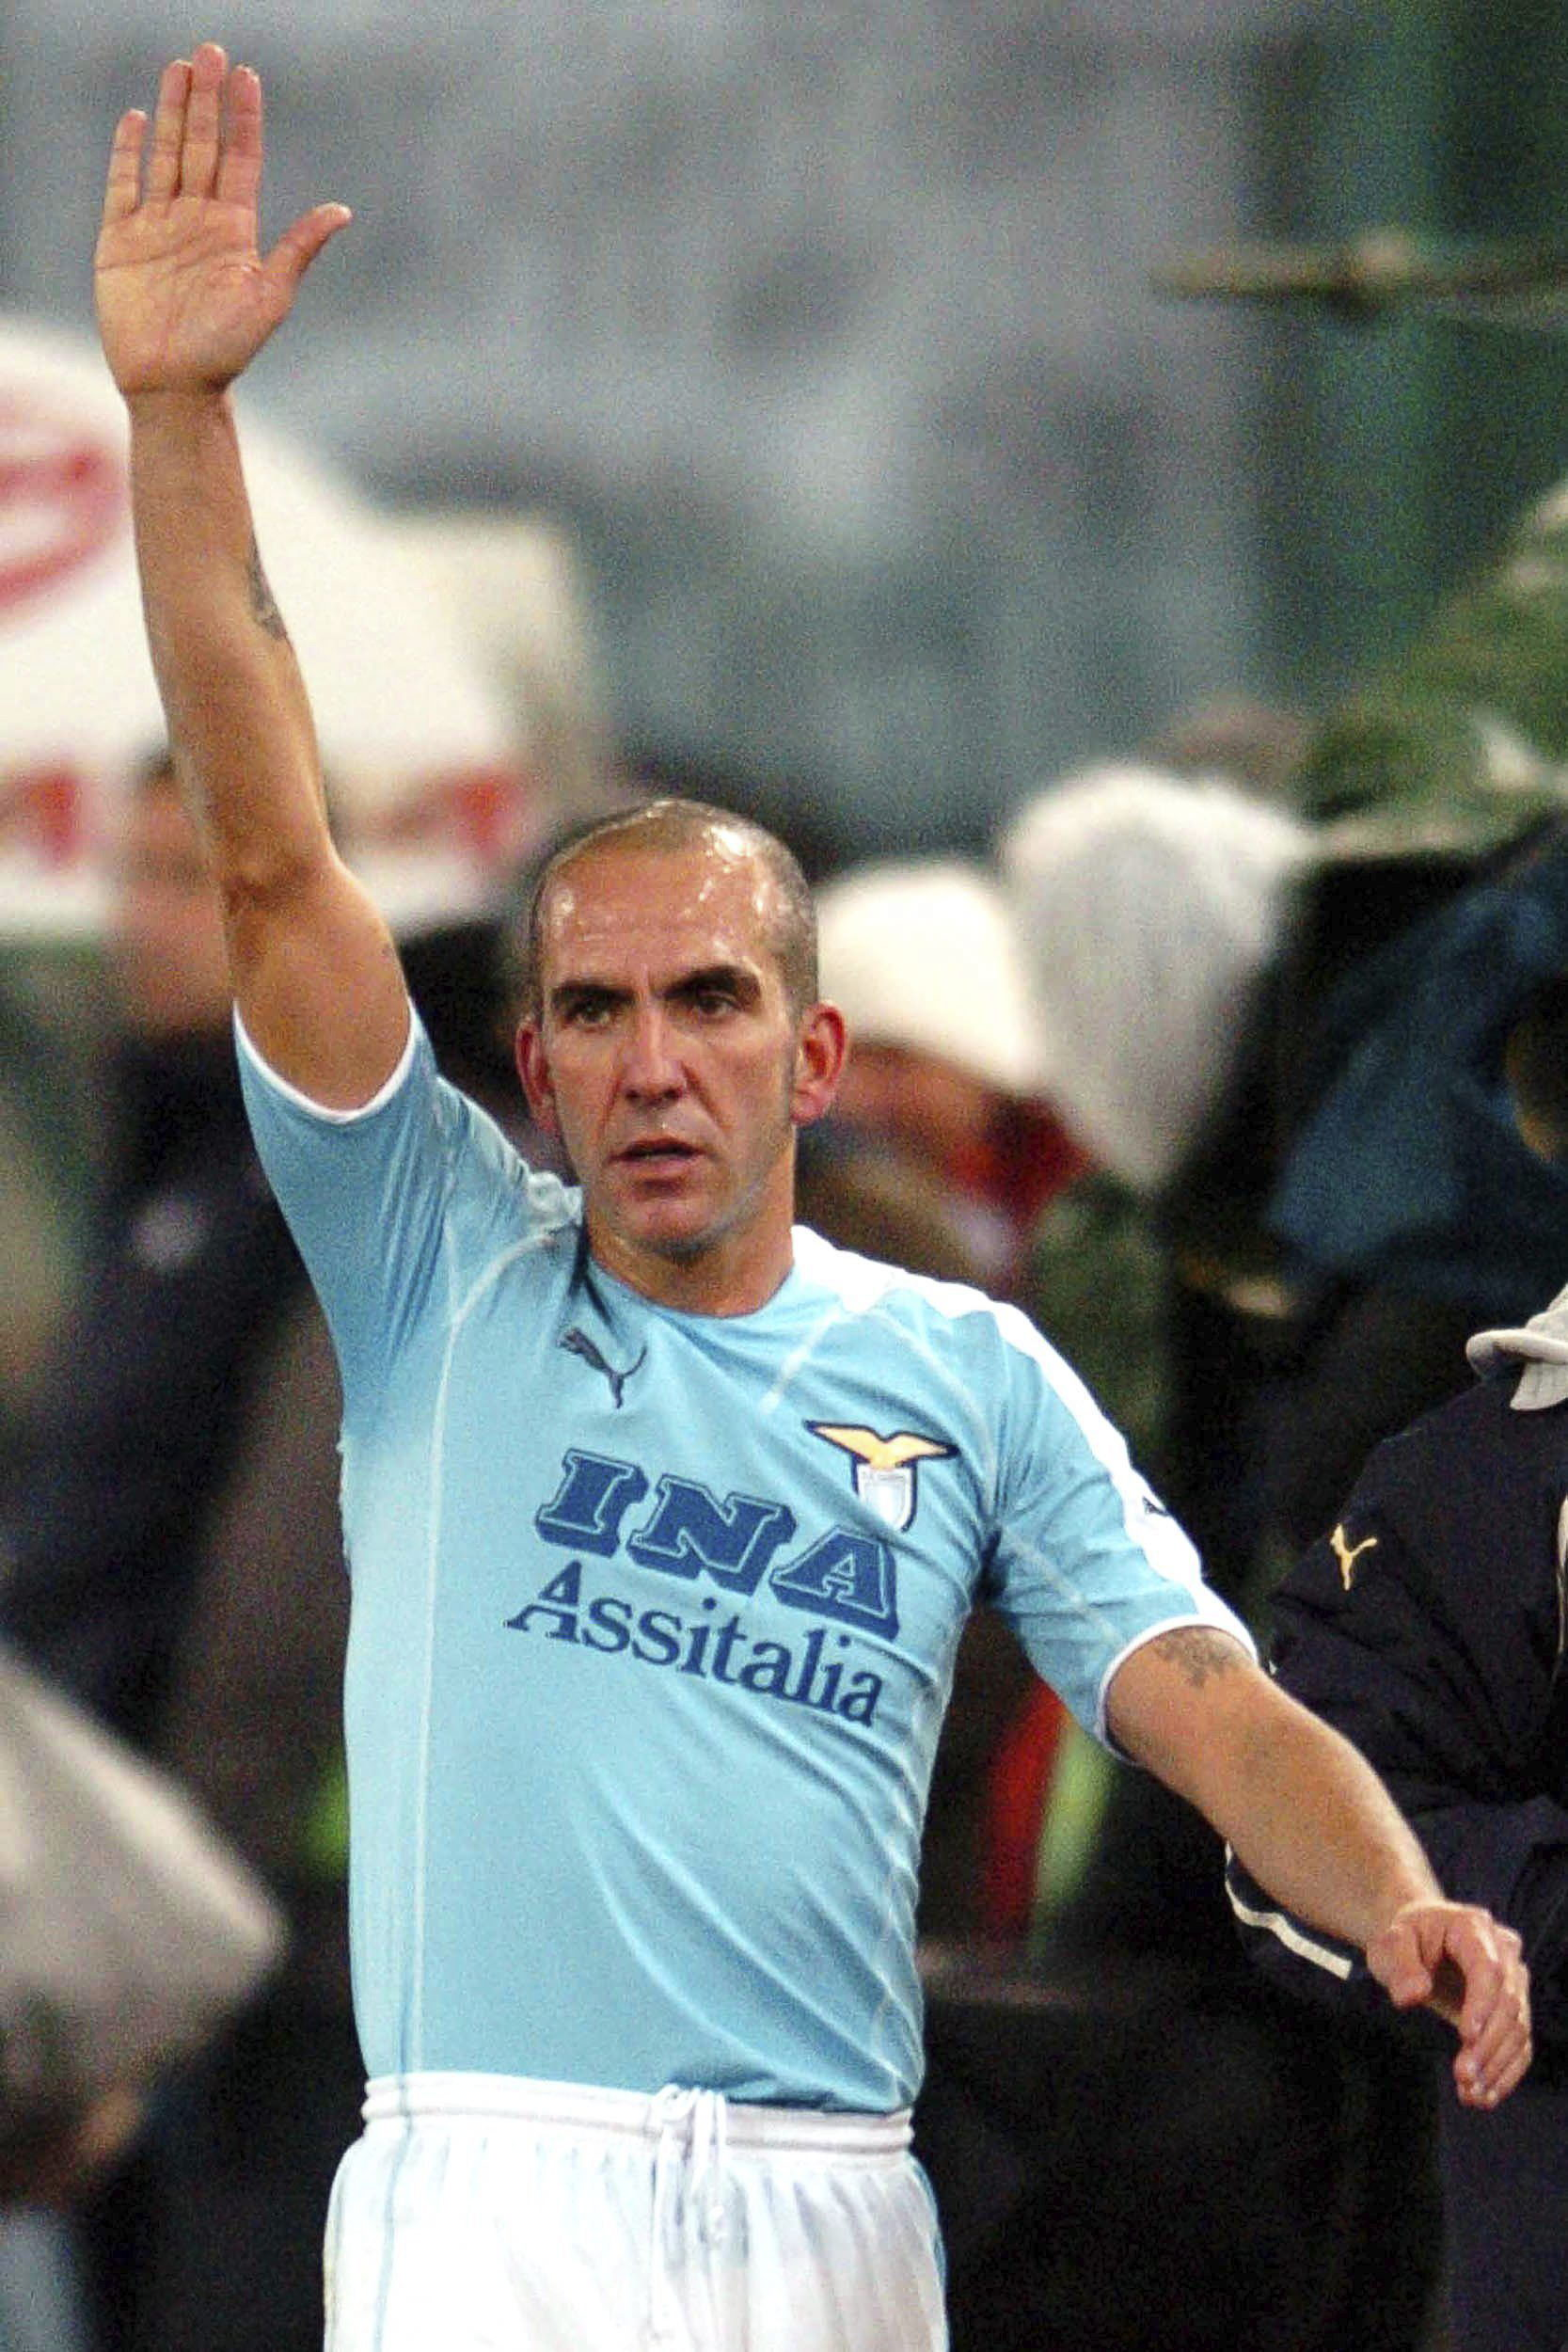 Di Canio, el 17 de diciembre de 2005 realizando un saludo fascista romano a los ultras de la Lazio en el estadio Olímpico de Roma (Archivo 20minutos).